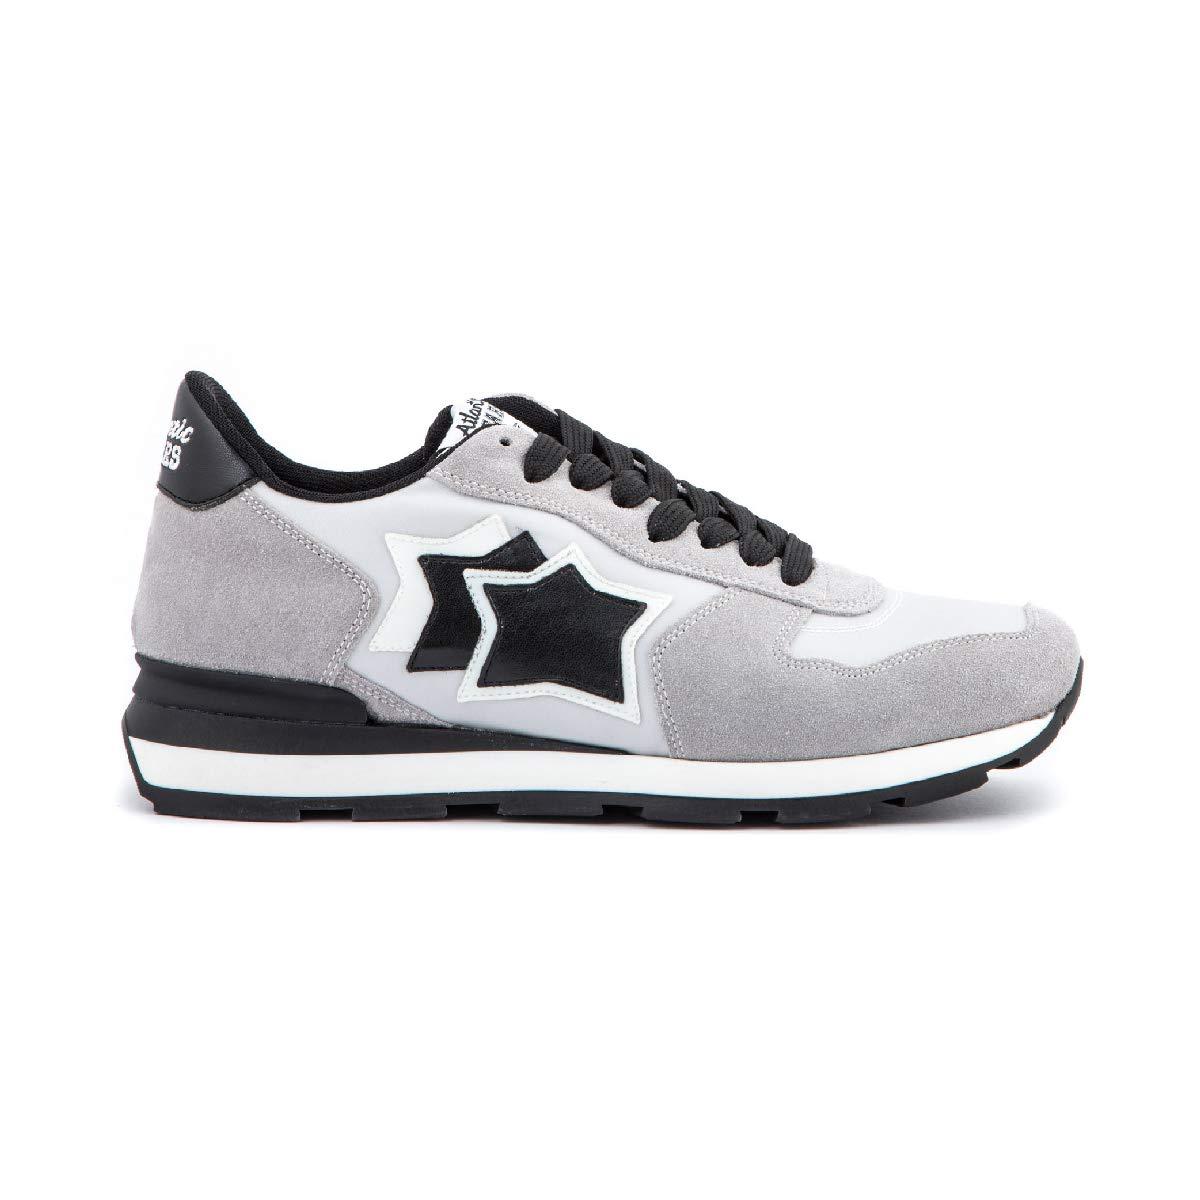 Atlantic Stars Antares Chalk gris - Hauszapatos Deportivas, Color blanco y gris -